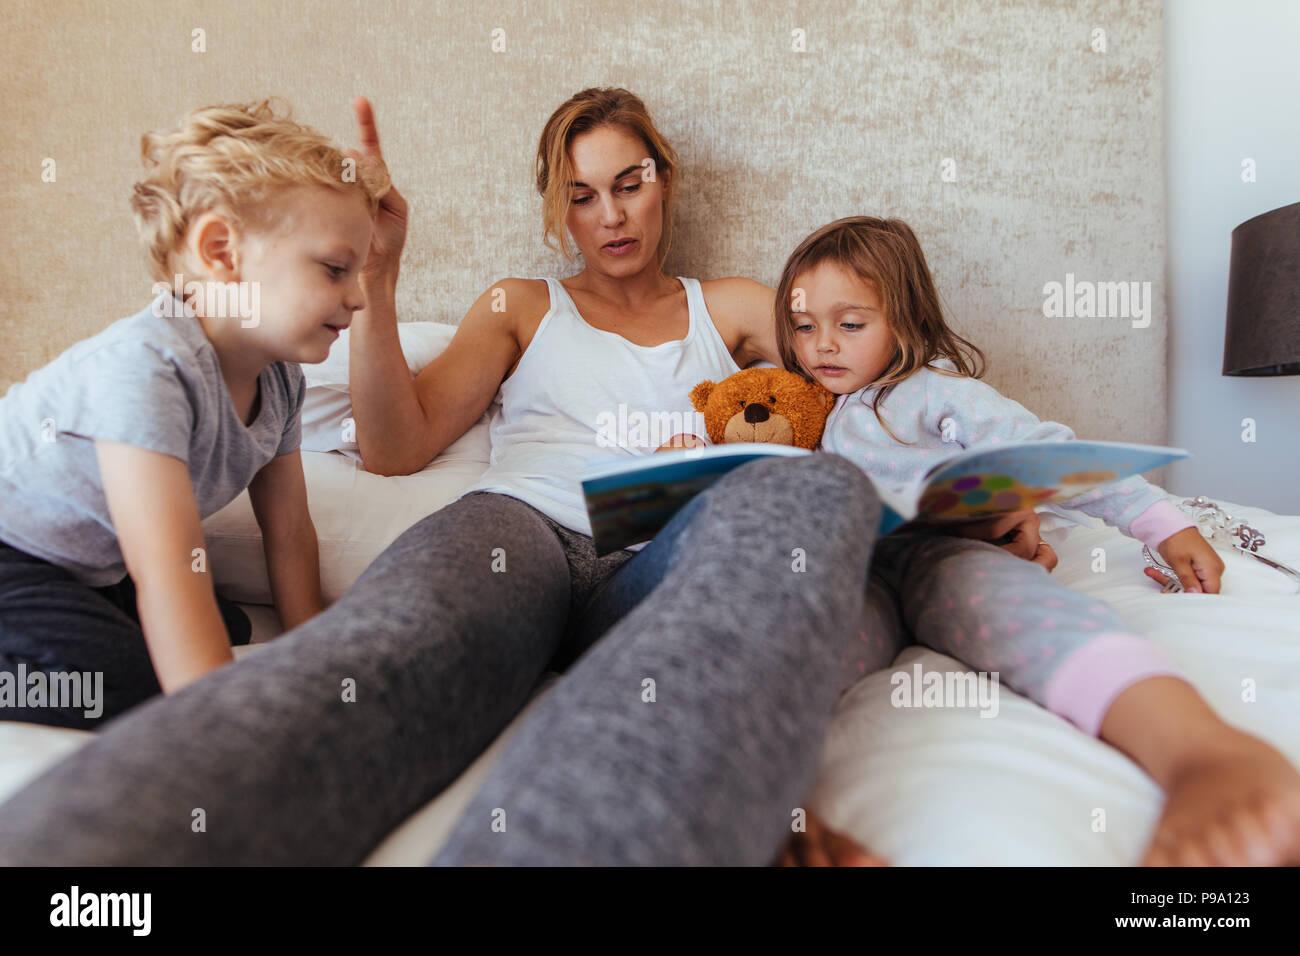 Histoire avant la lecture de la mère aux enfants à la maison. Mère attentive lecture du livre pour enfants sur l'adorable petit lit. Photo Stock